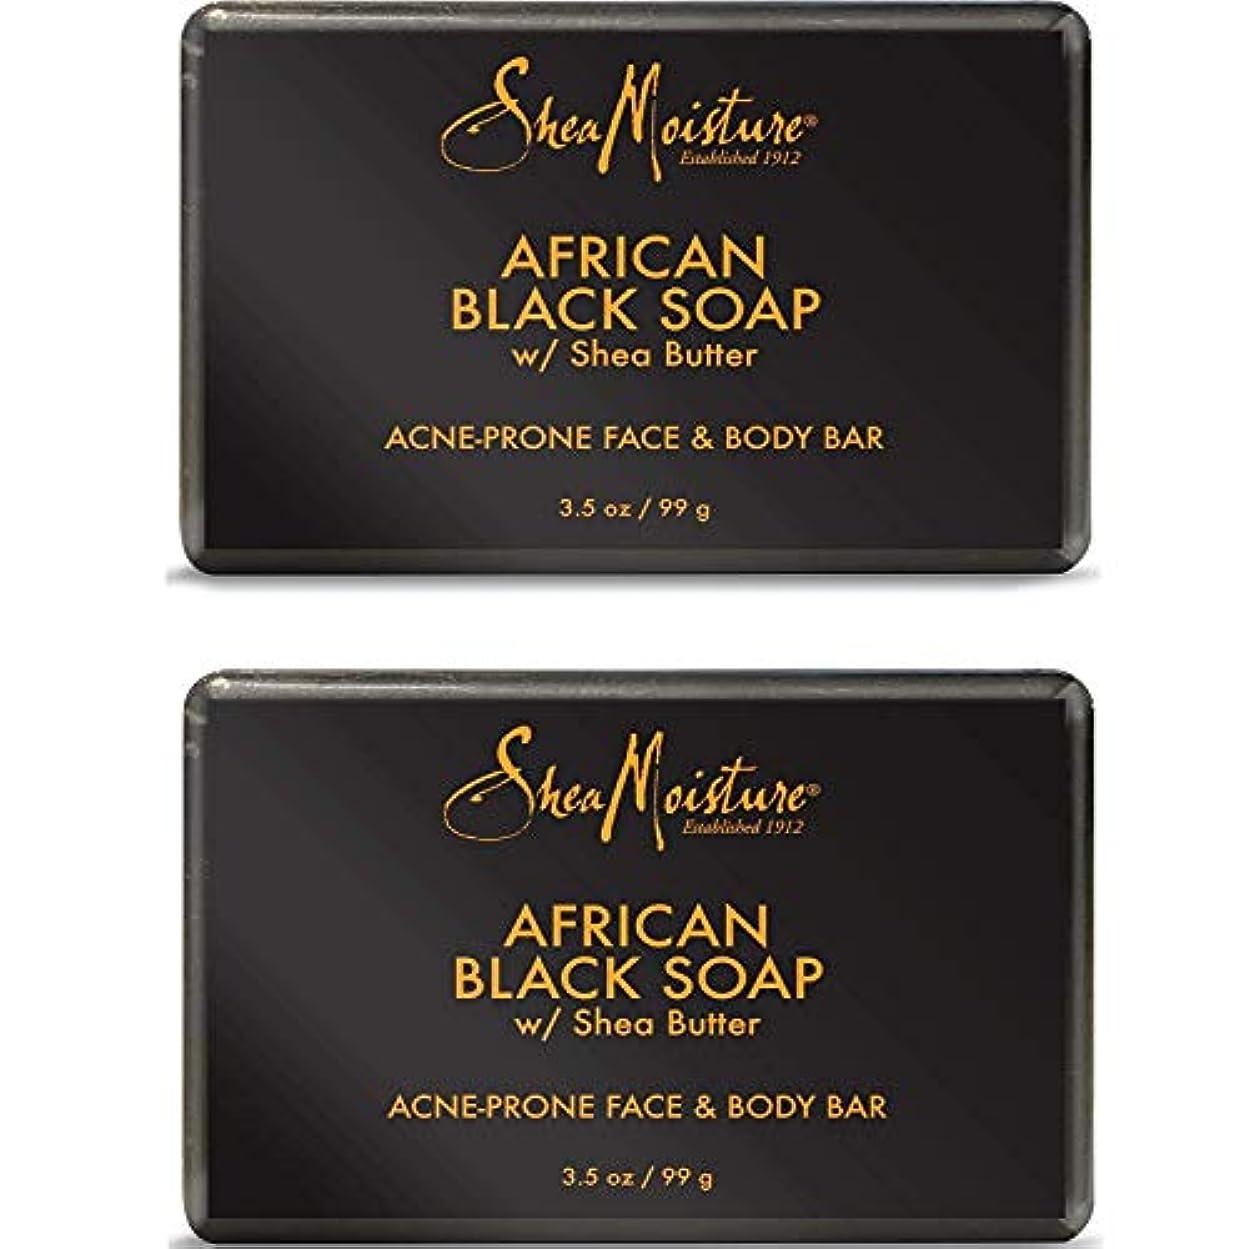 福祉十分にモーターShea Moisture アフリカンブラックソープバー、3.5オズ、2パック 2パック